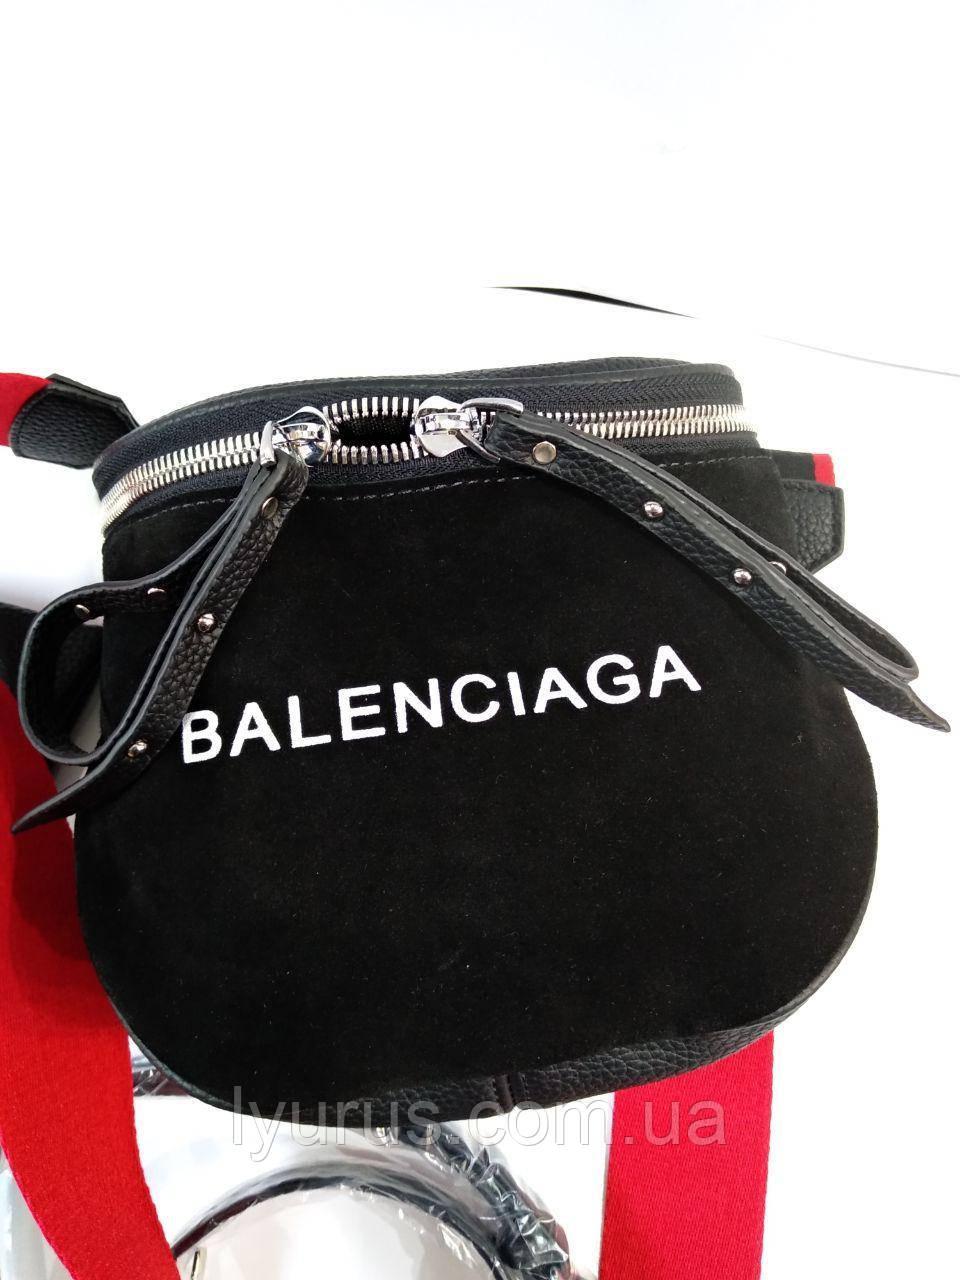 Женская замшевая сумка Balenciaga